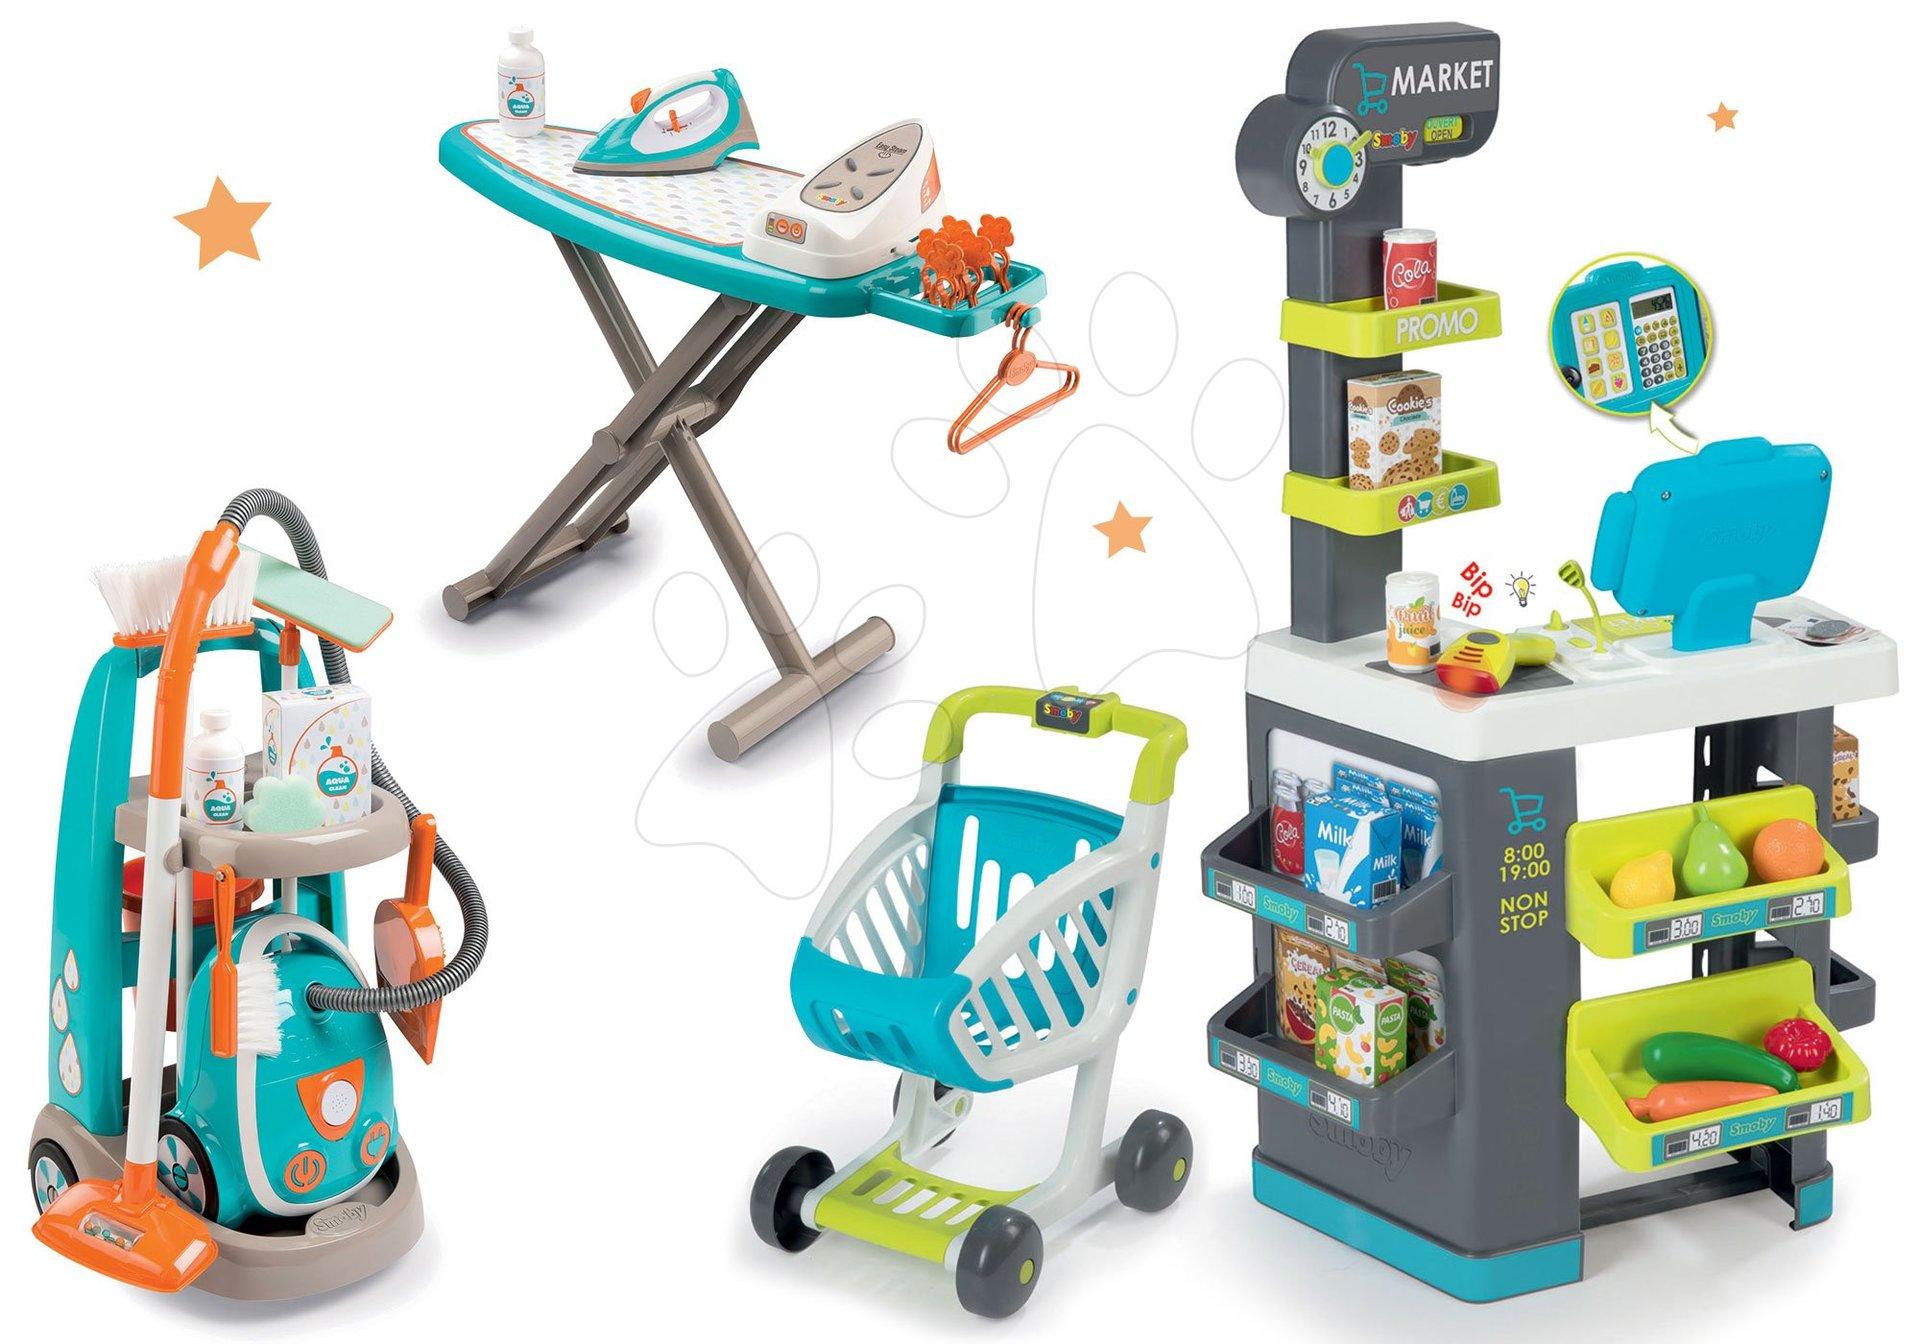 Smoby set obchod s potravinami Market a upratovací vozík s elektronickým vysávačom a žehliacou doskou 350212-5